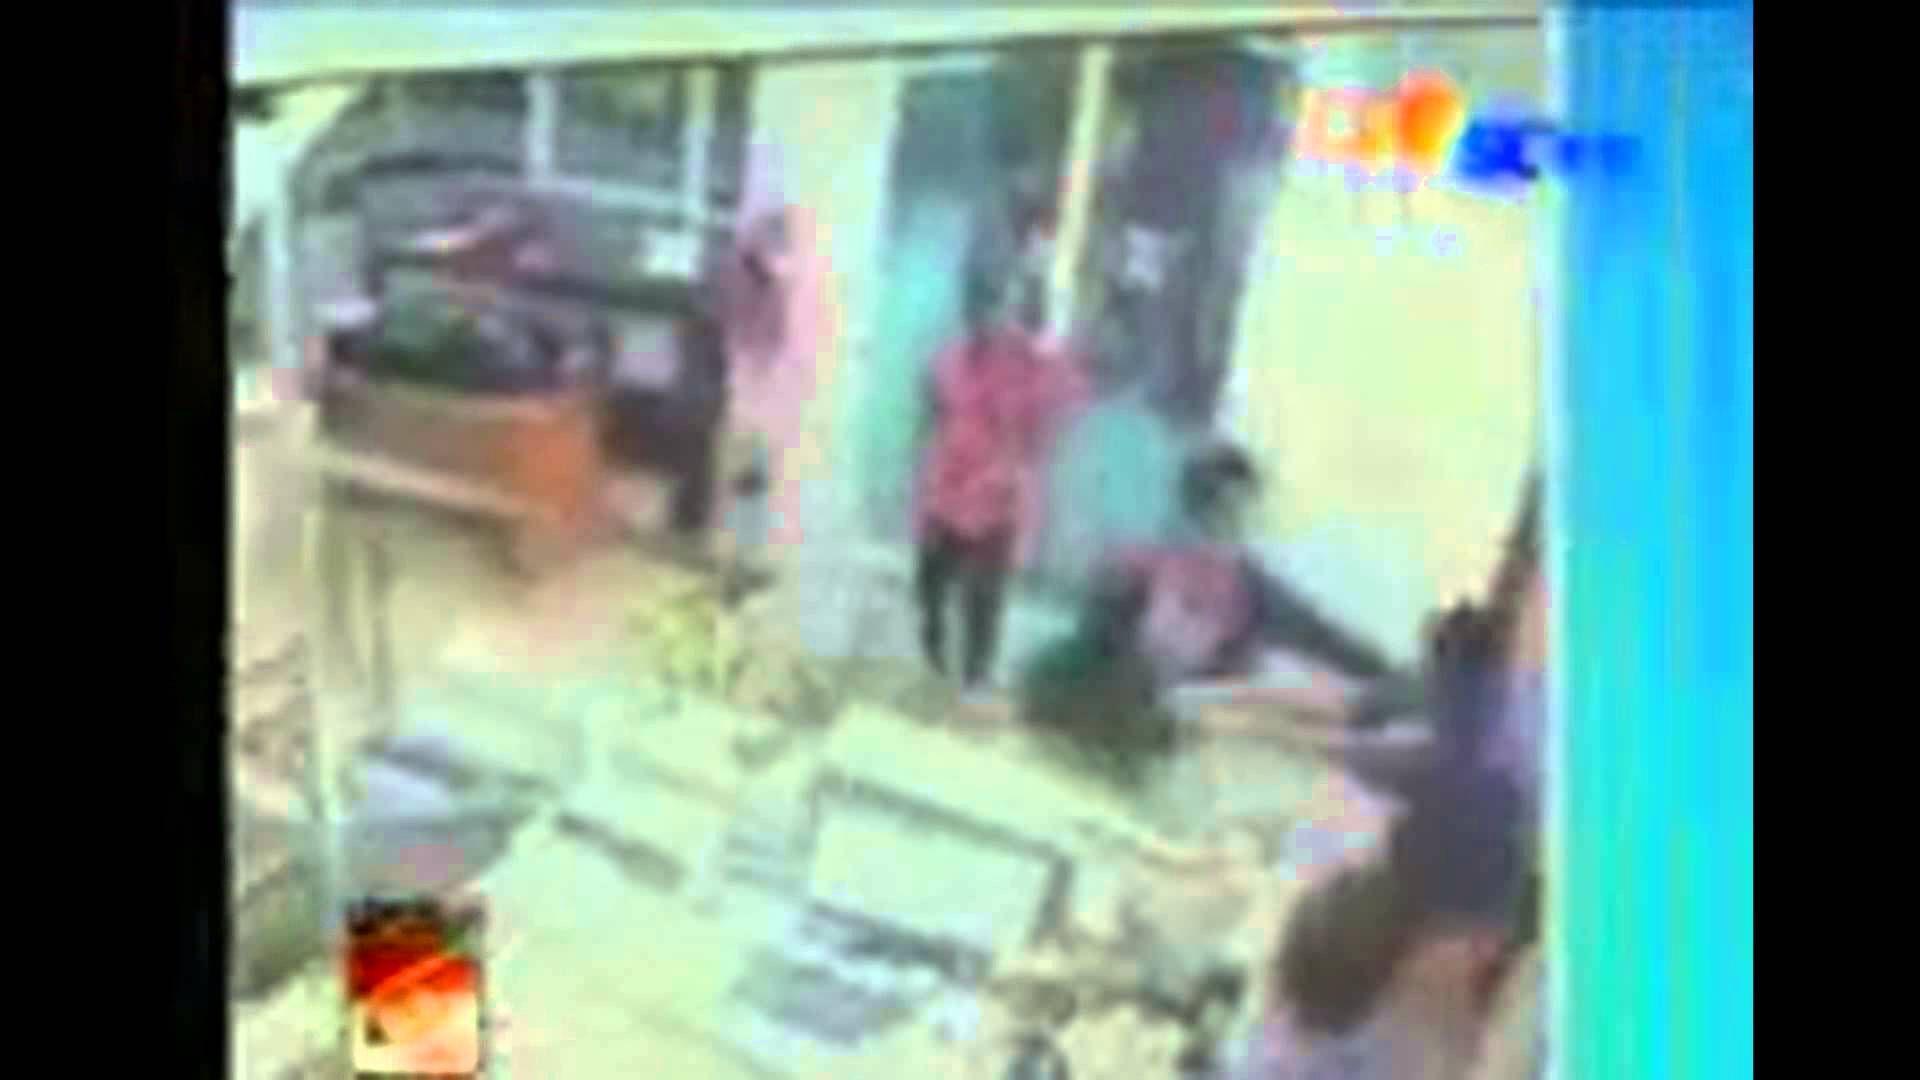 Pembunuhan Hilarius Diva penjaga counter HP disemarang:CCTV